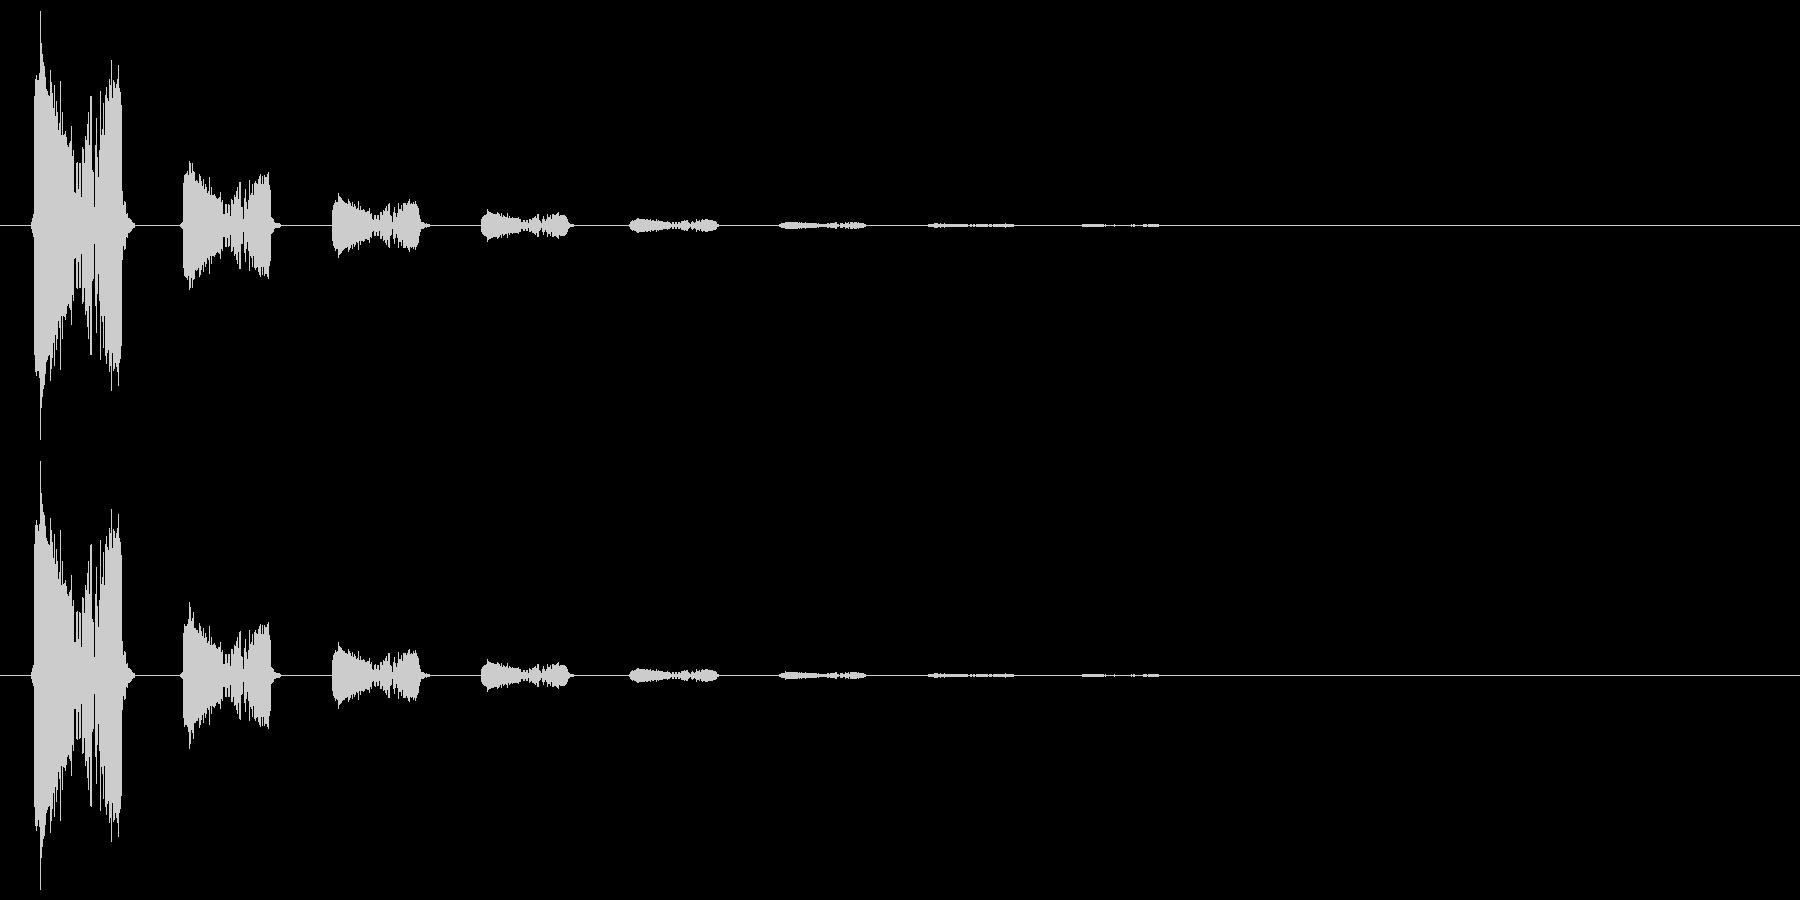 スウィッチ音2(ギュワッ)の未再生の波形